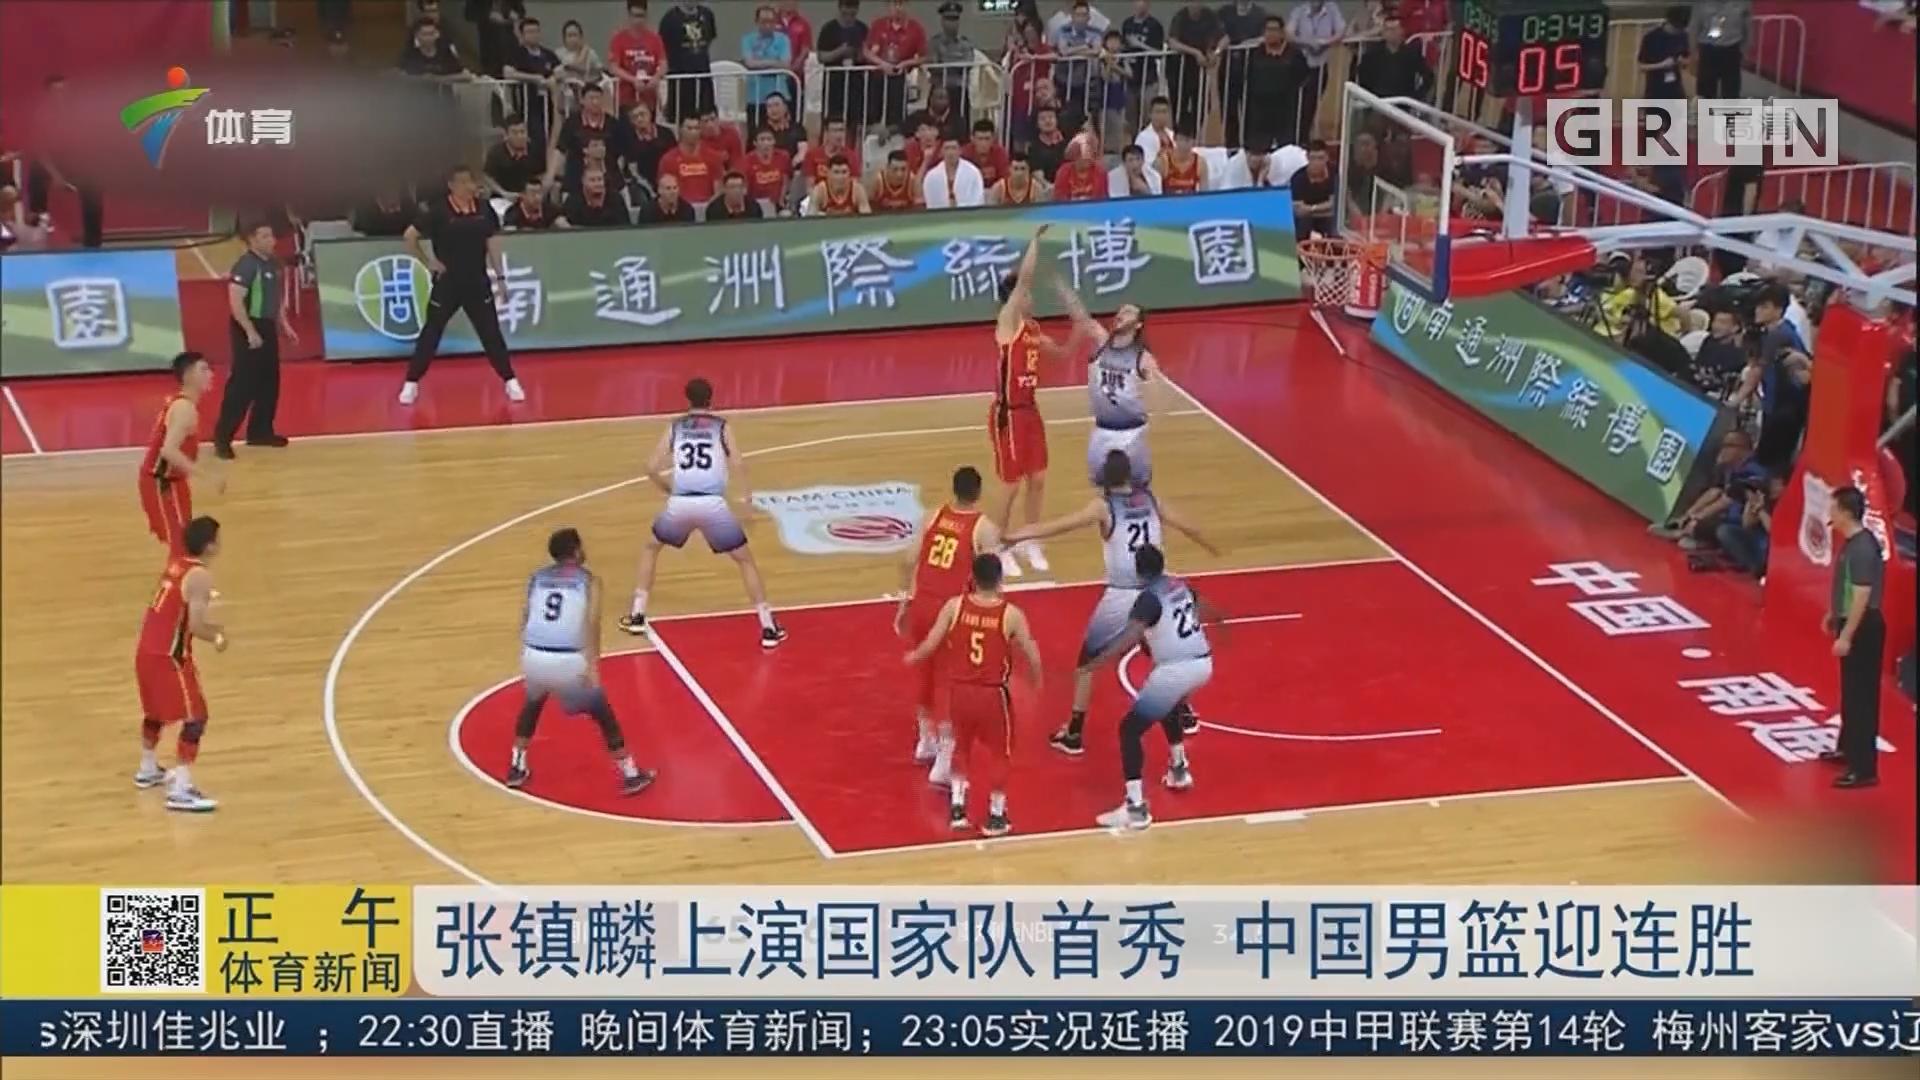 张镇麟上演国家队首秀 中国男篮迎连胜